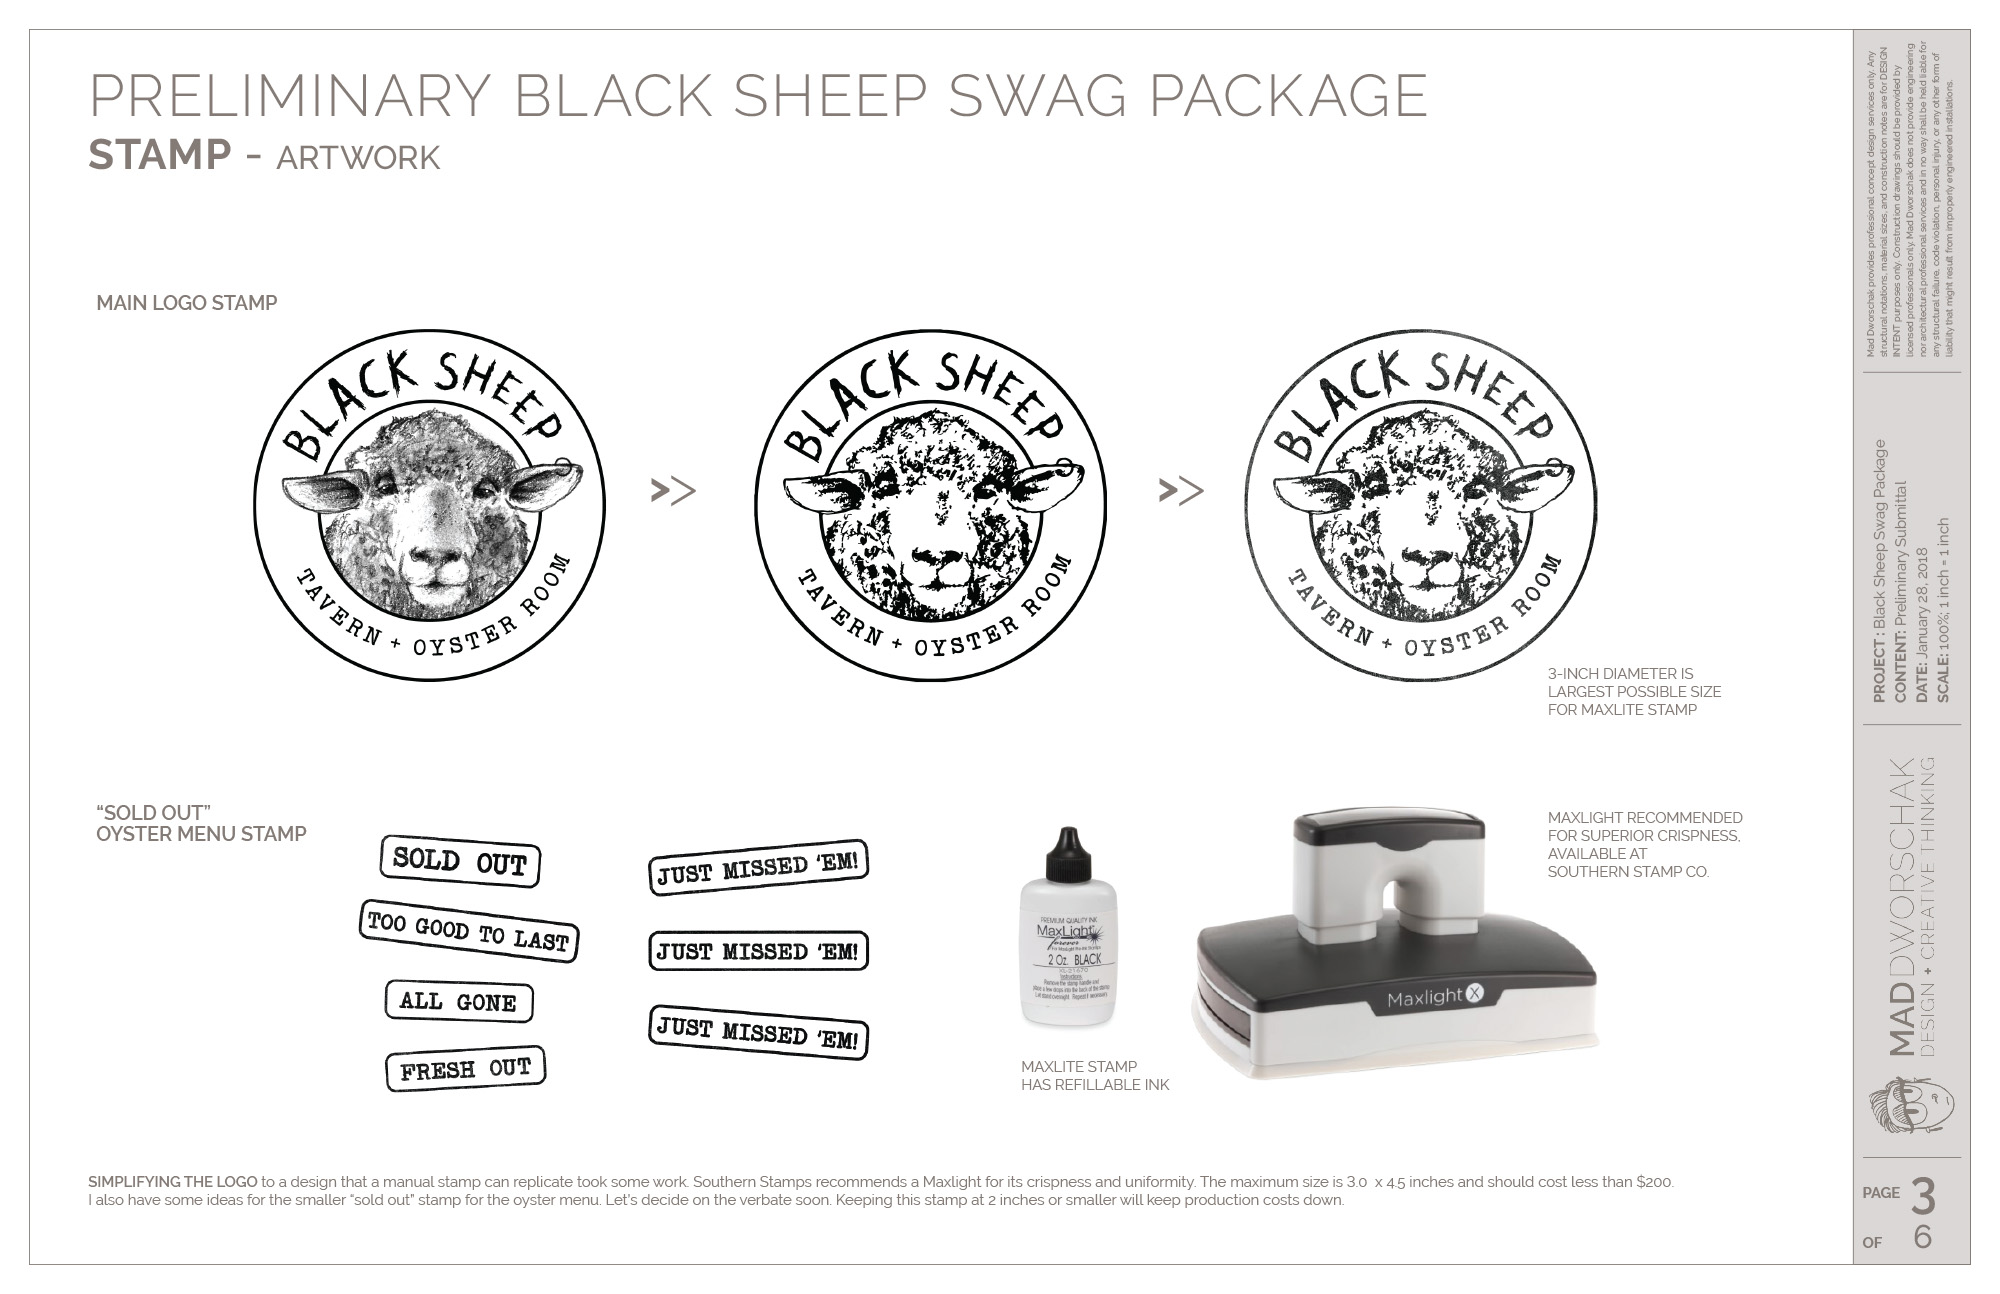 BST_Swag_Presentation_stamp-artwork.jpg